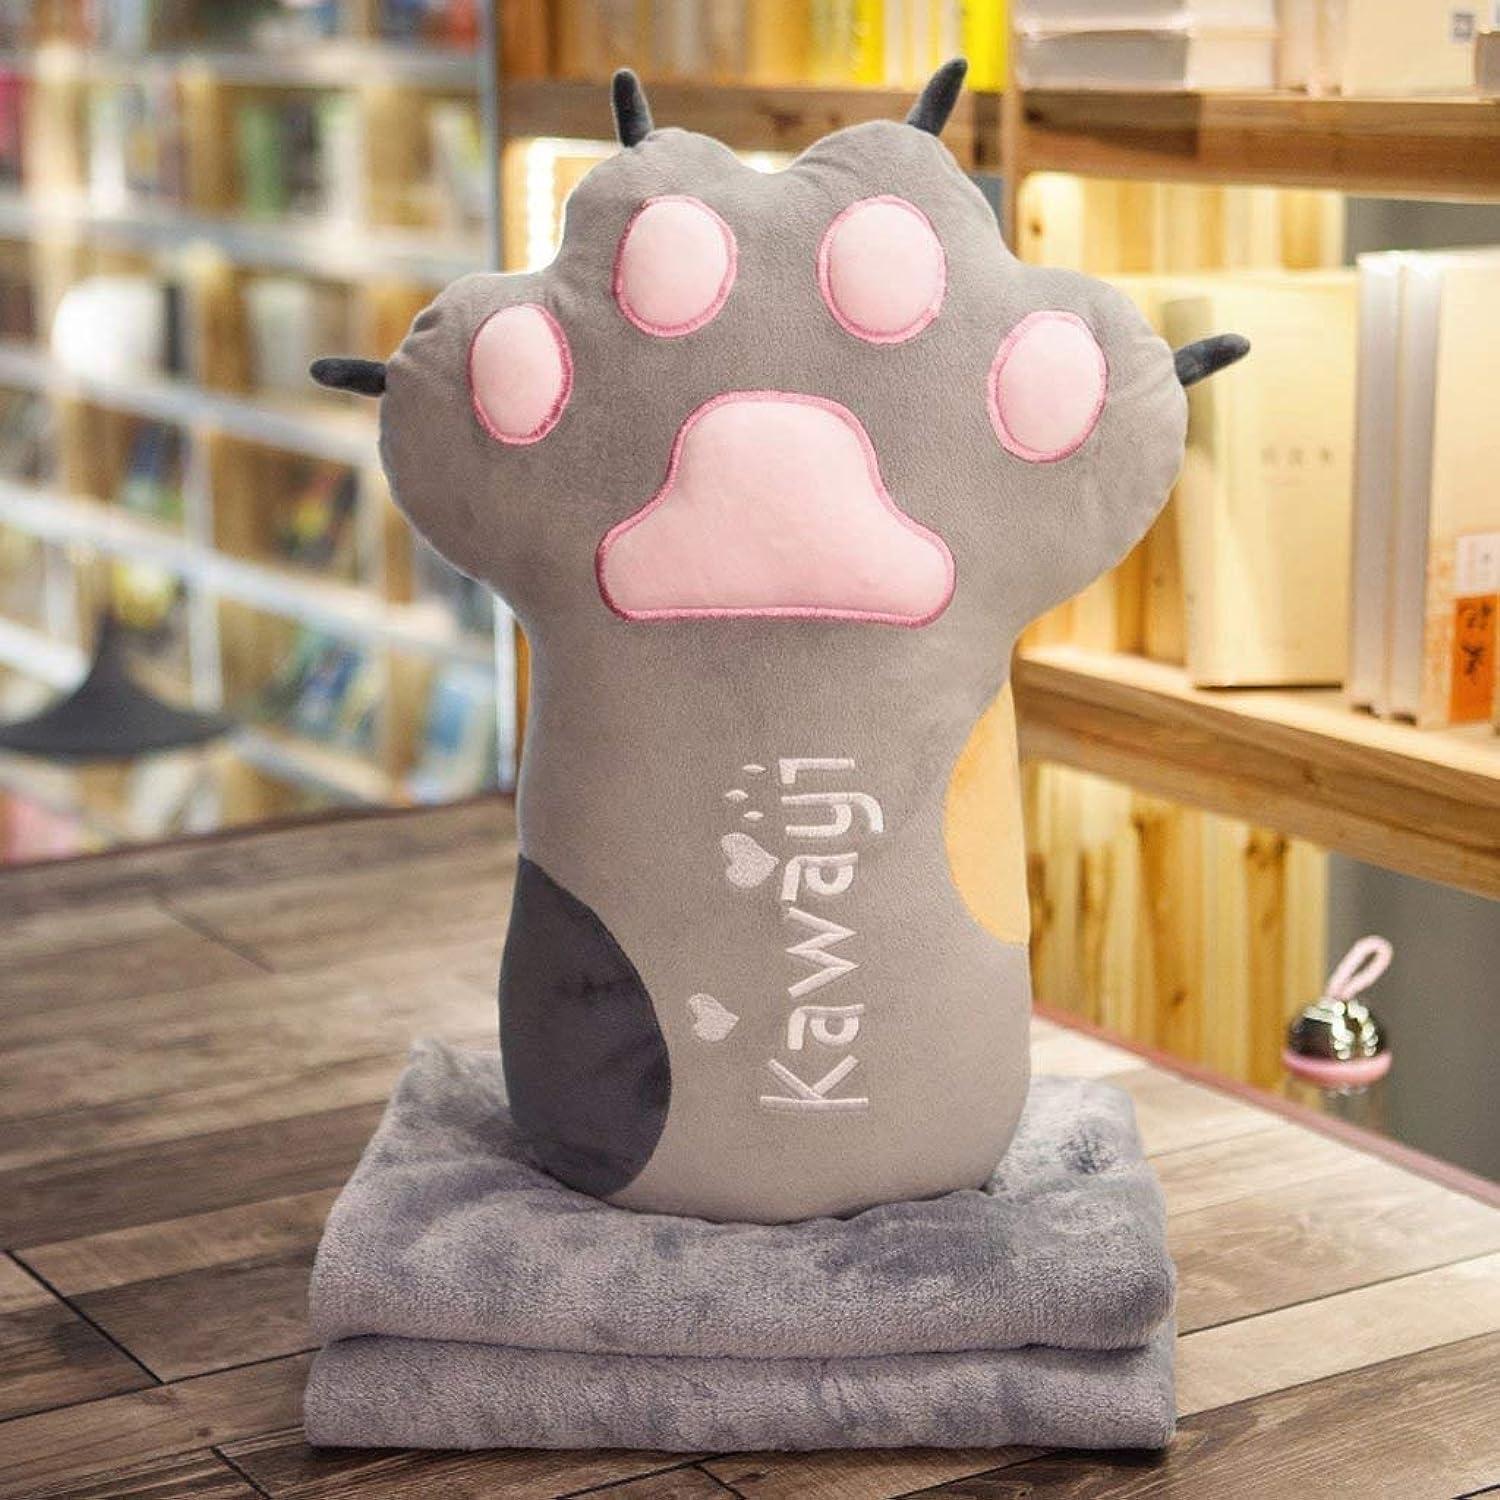 Babyspielzeug Schöne Katze Krallen Halten Kissen Quilt Dual-use Home Office Cartoon Haarkissen Decke Puppe B07PCP28GX